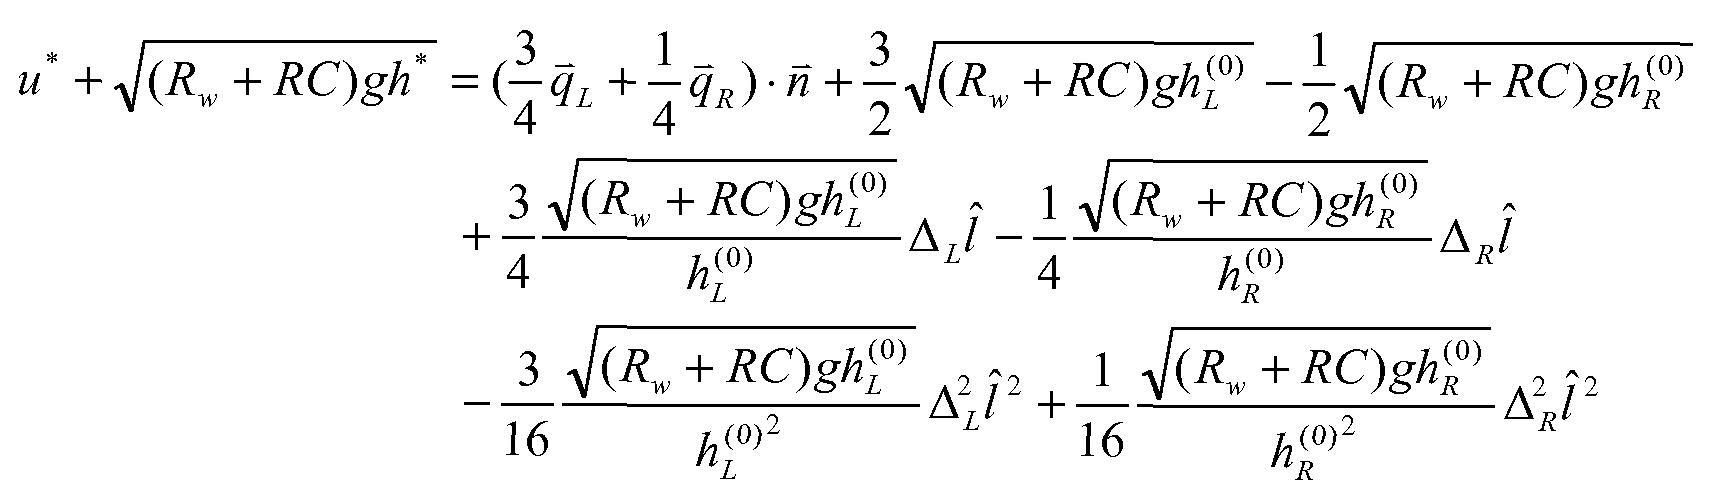 Figure imgf000037_0005